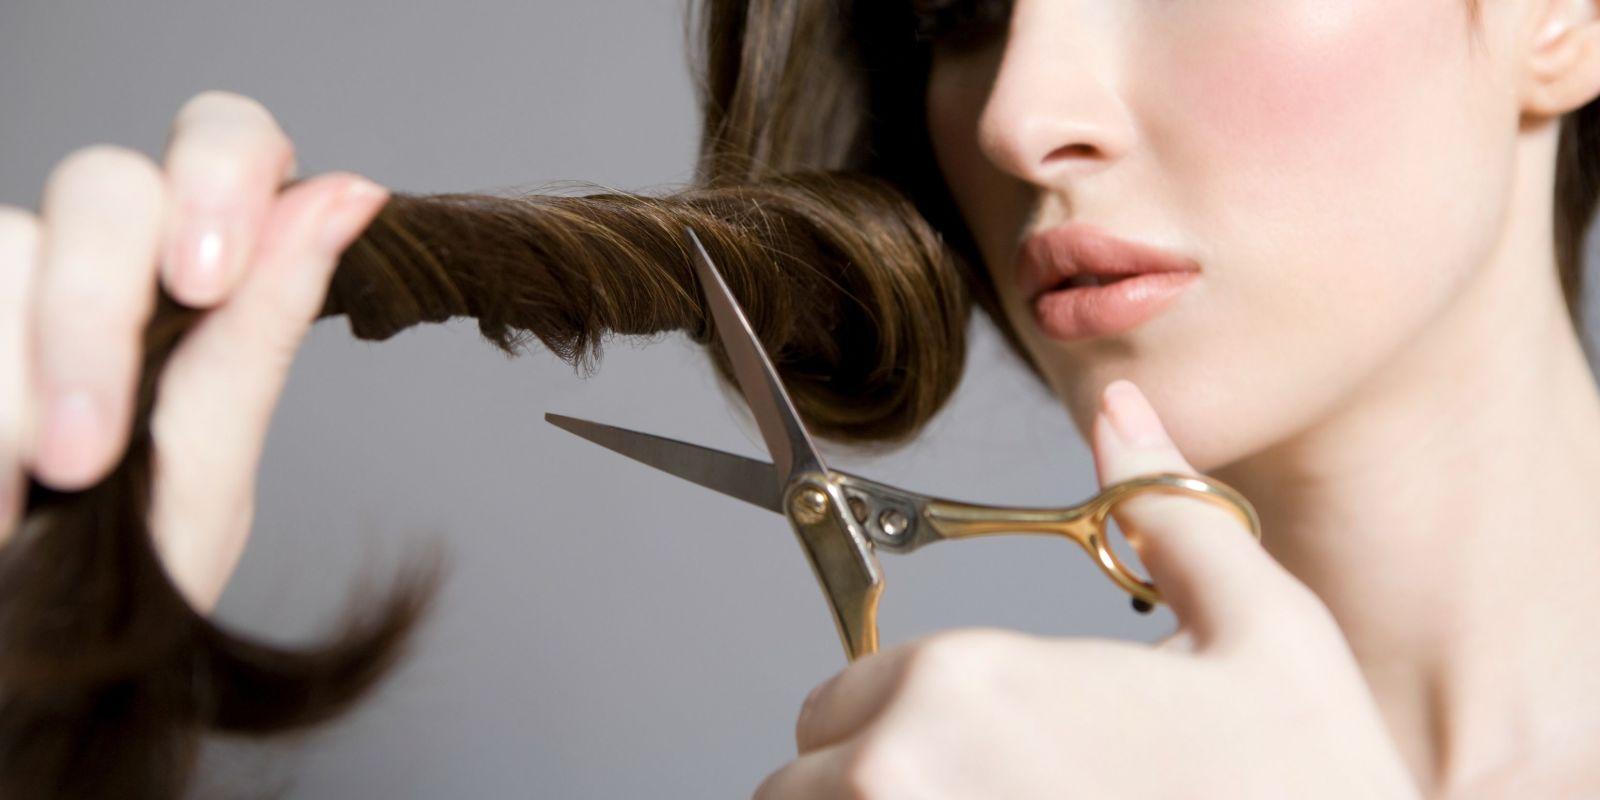 Стрижка волос – выпадение волос, волосы более короткие, чем на самом деле, лысина (если на самом деле ее нет)– к болезни, убытку, неприятностям (напротив, длинные густые волосы снятся к прибыли).